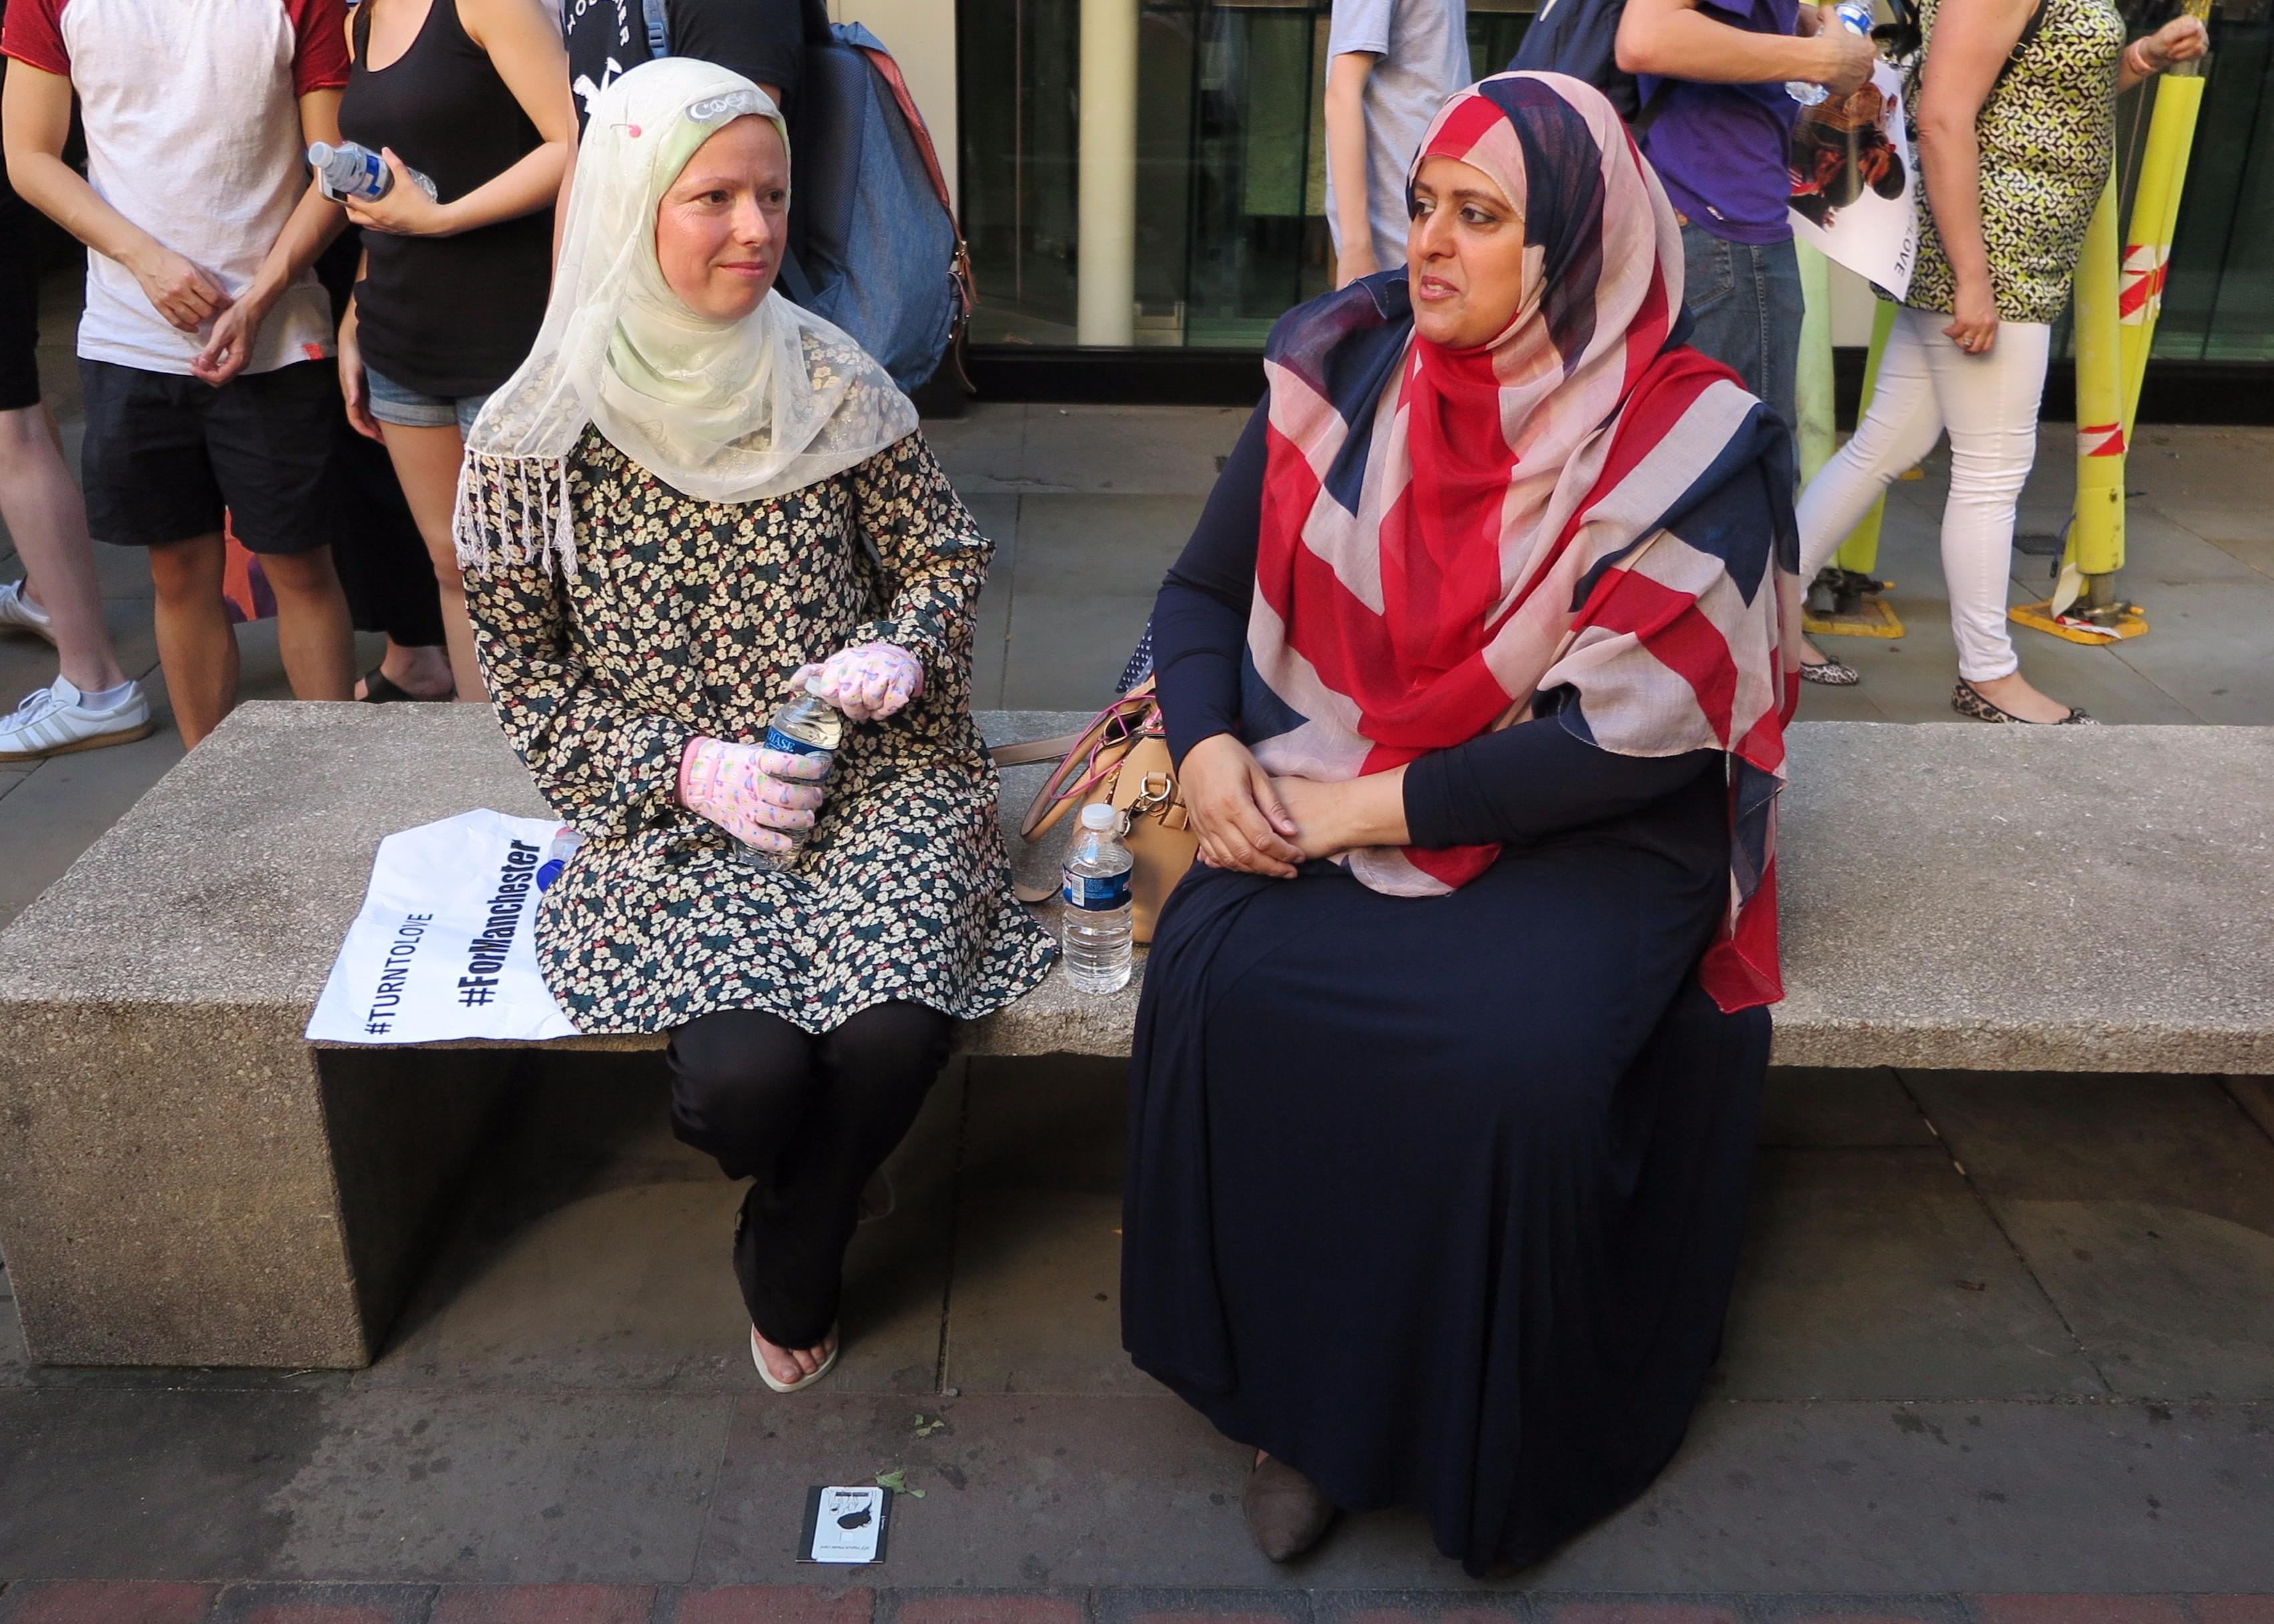 Union Jack als Hijab, es drückt aus wie ich mich fühle sagt Manchesterin Gulnar Bano Khan Qadri, 48